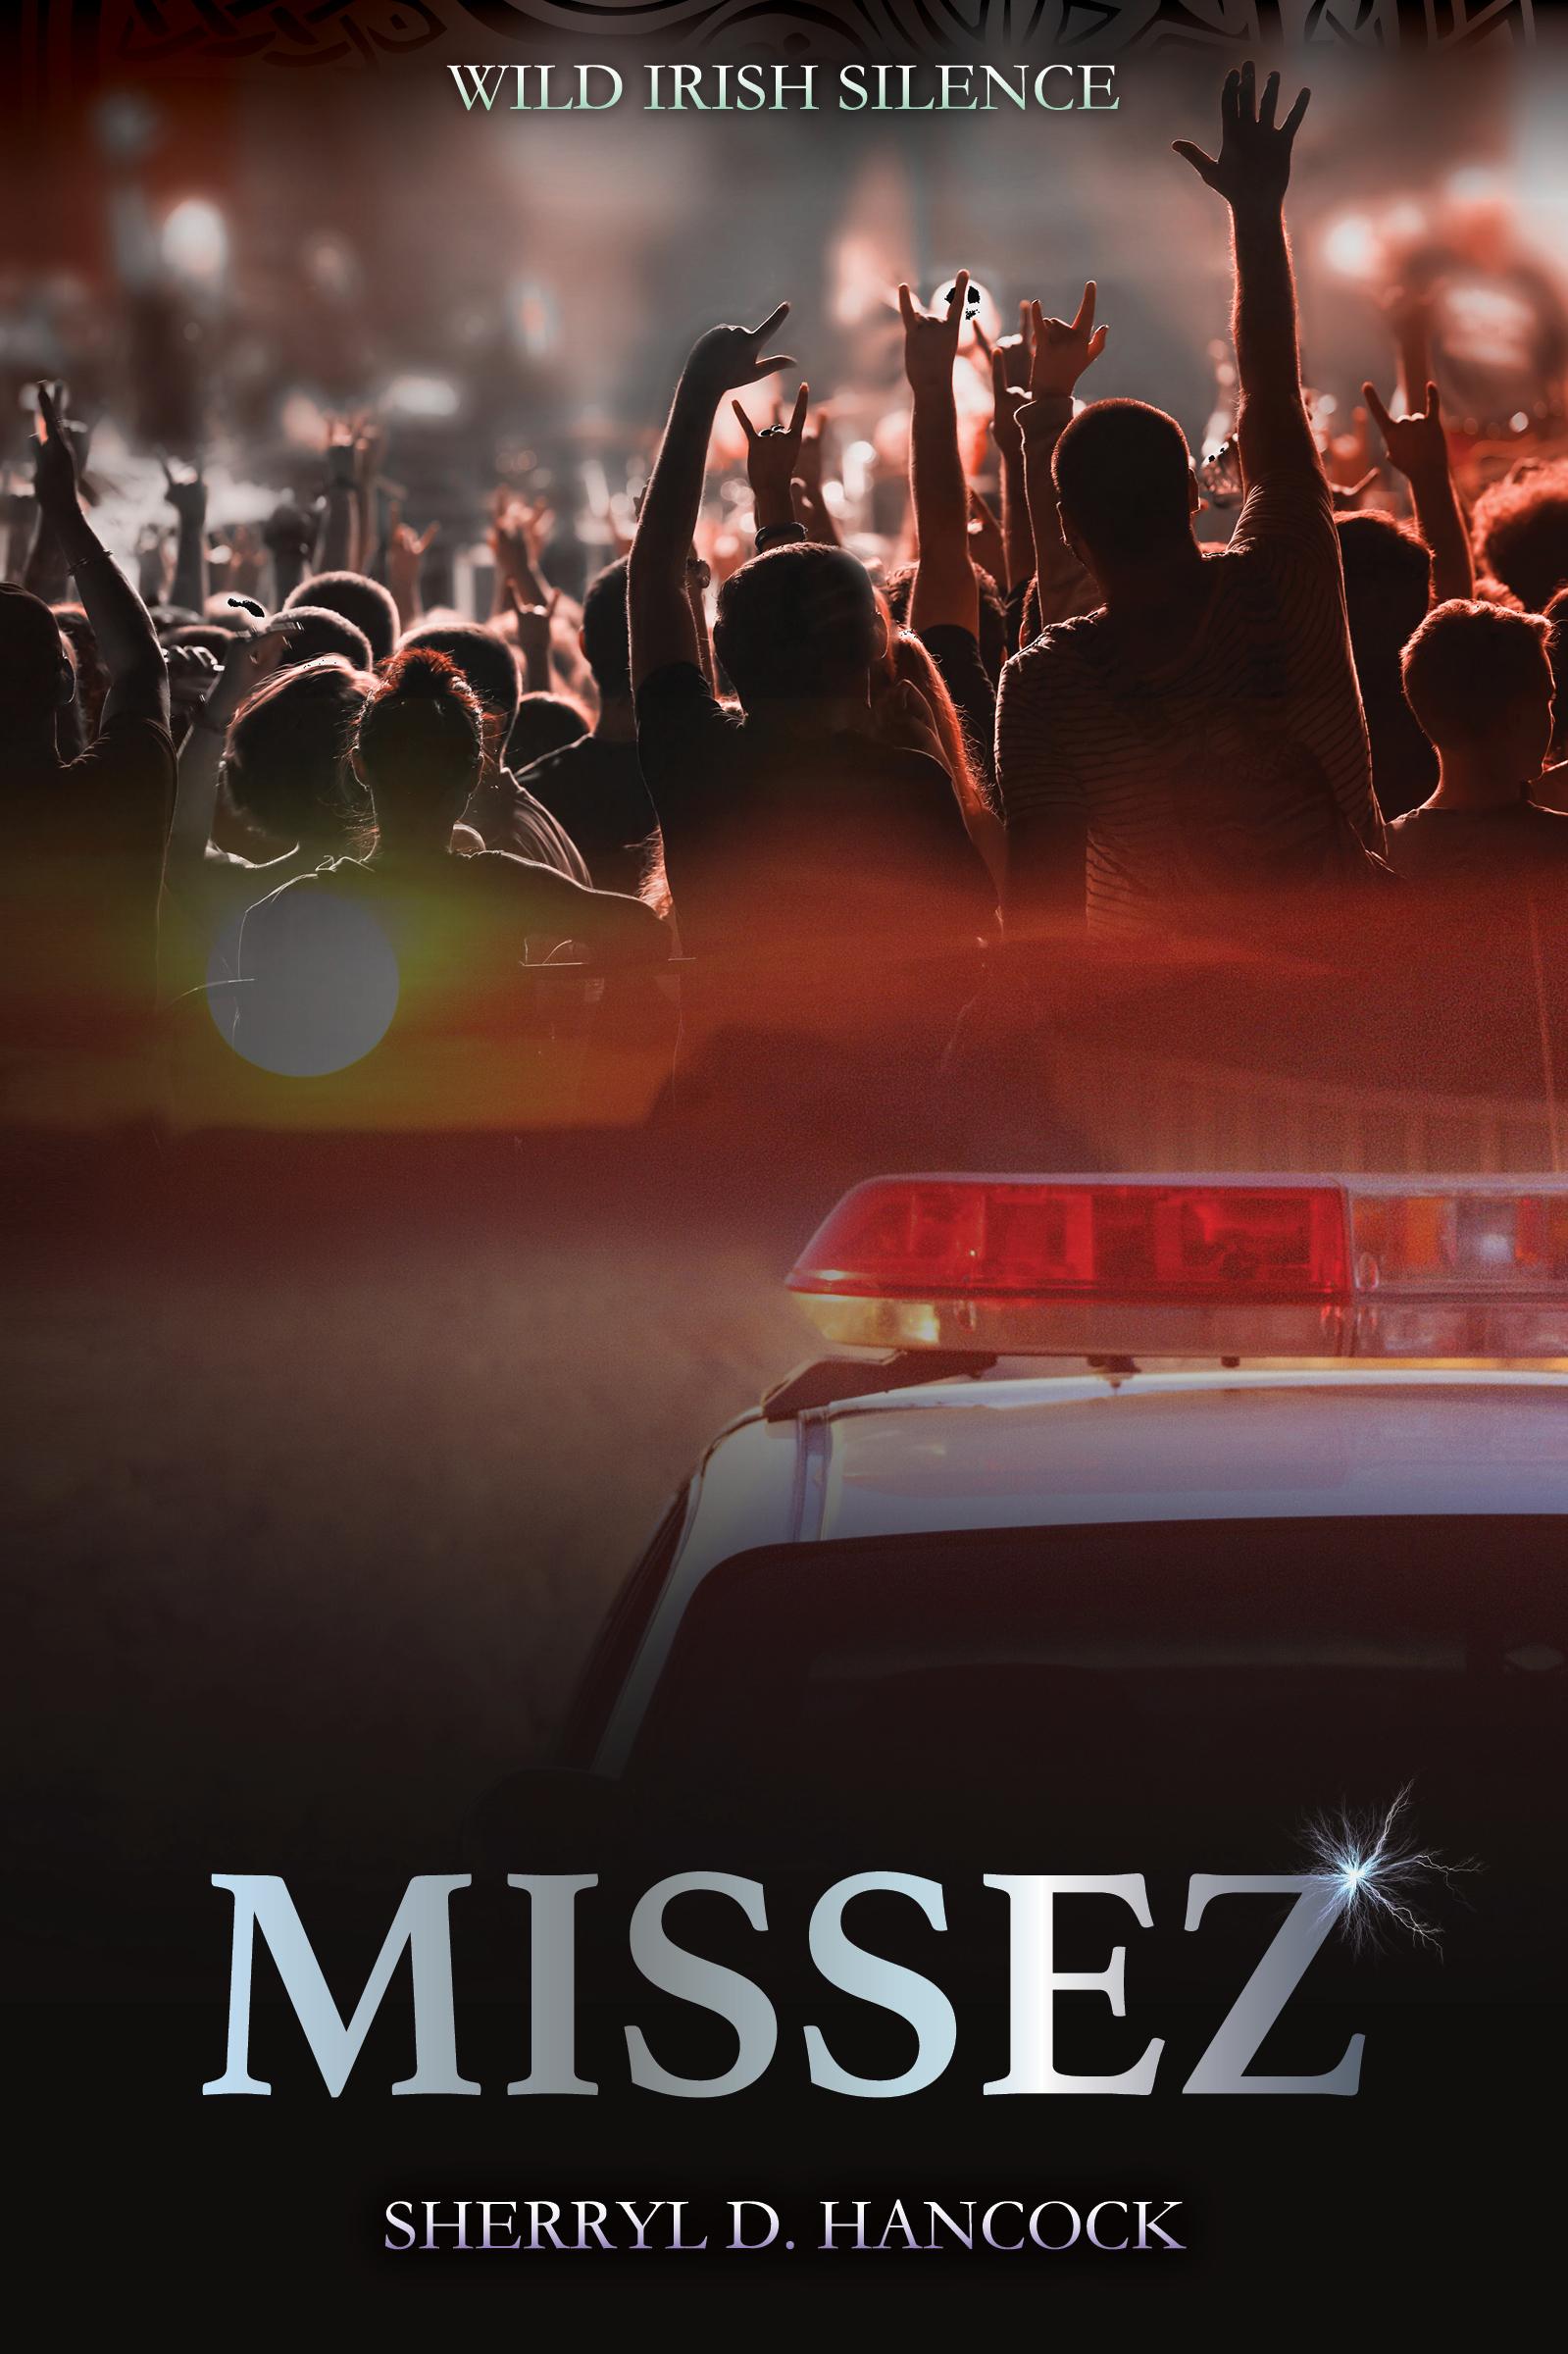 Missez - Ebook.jpg